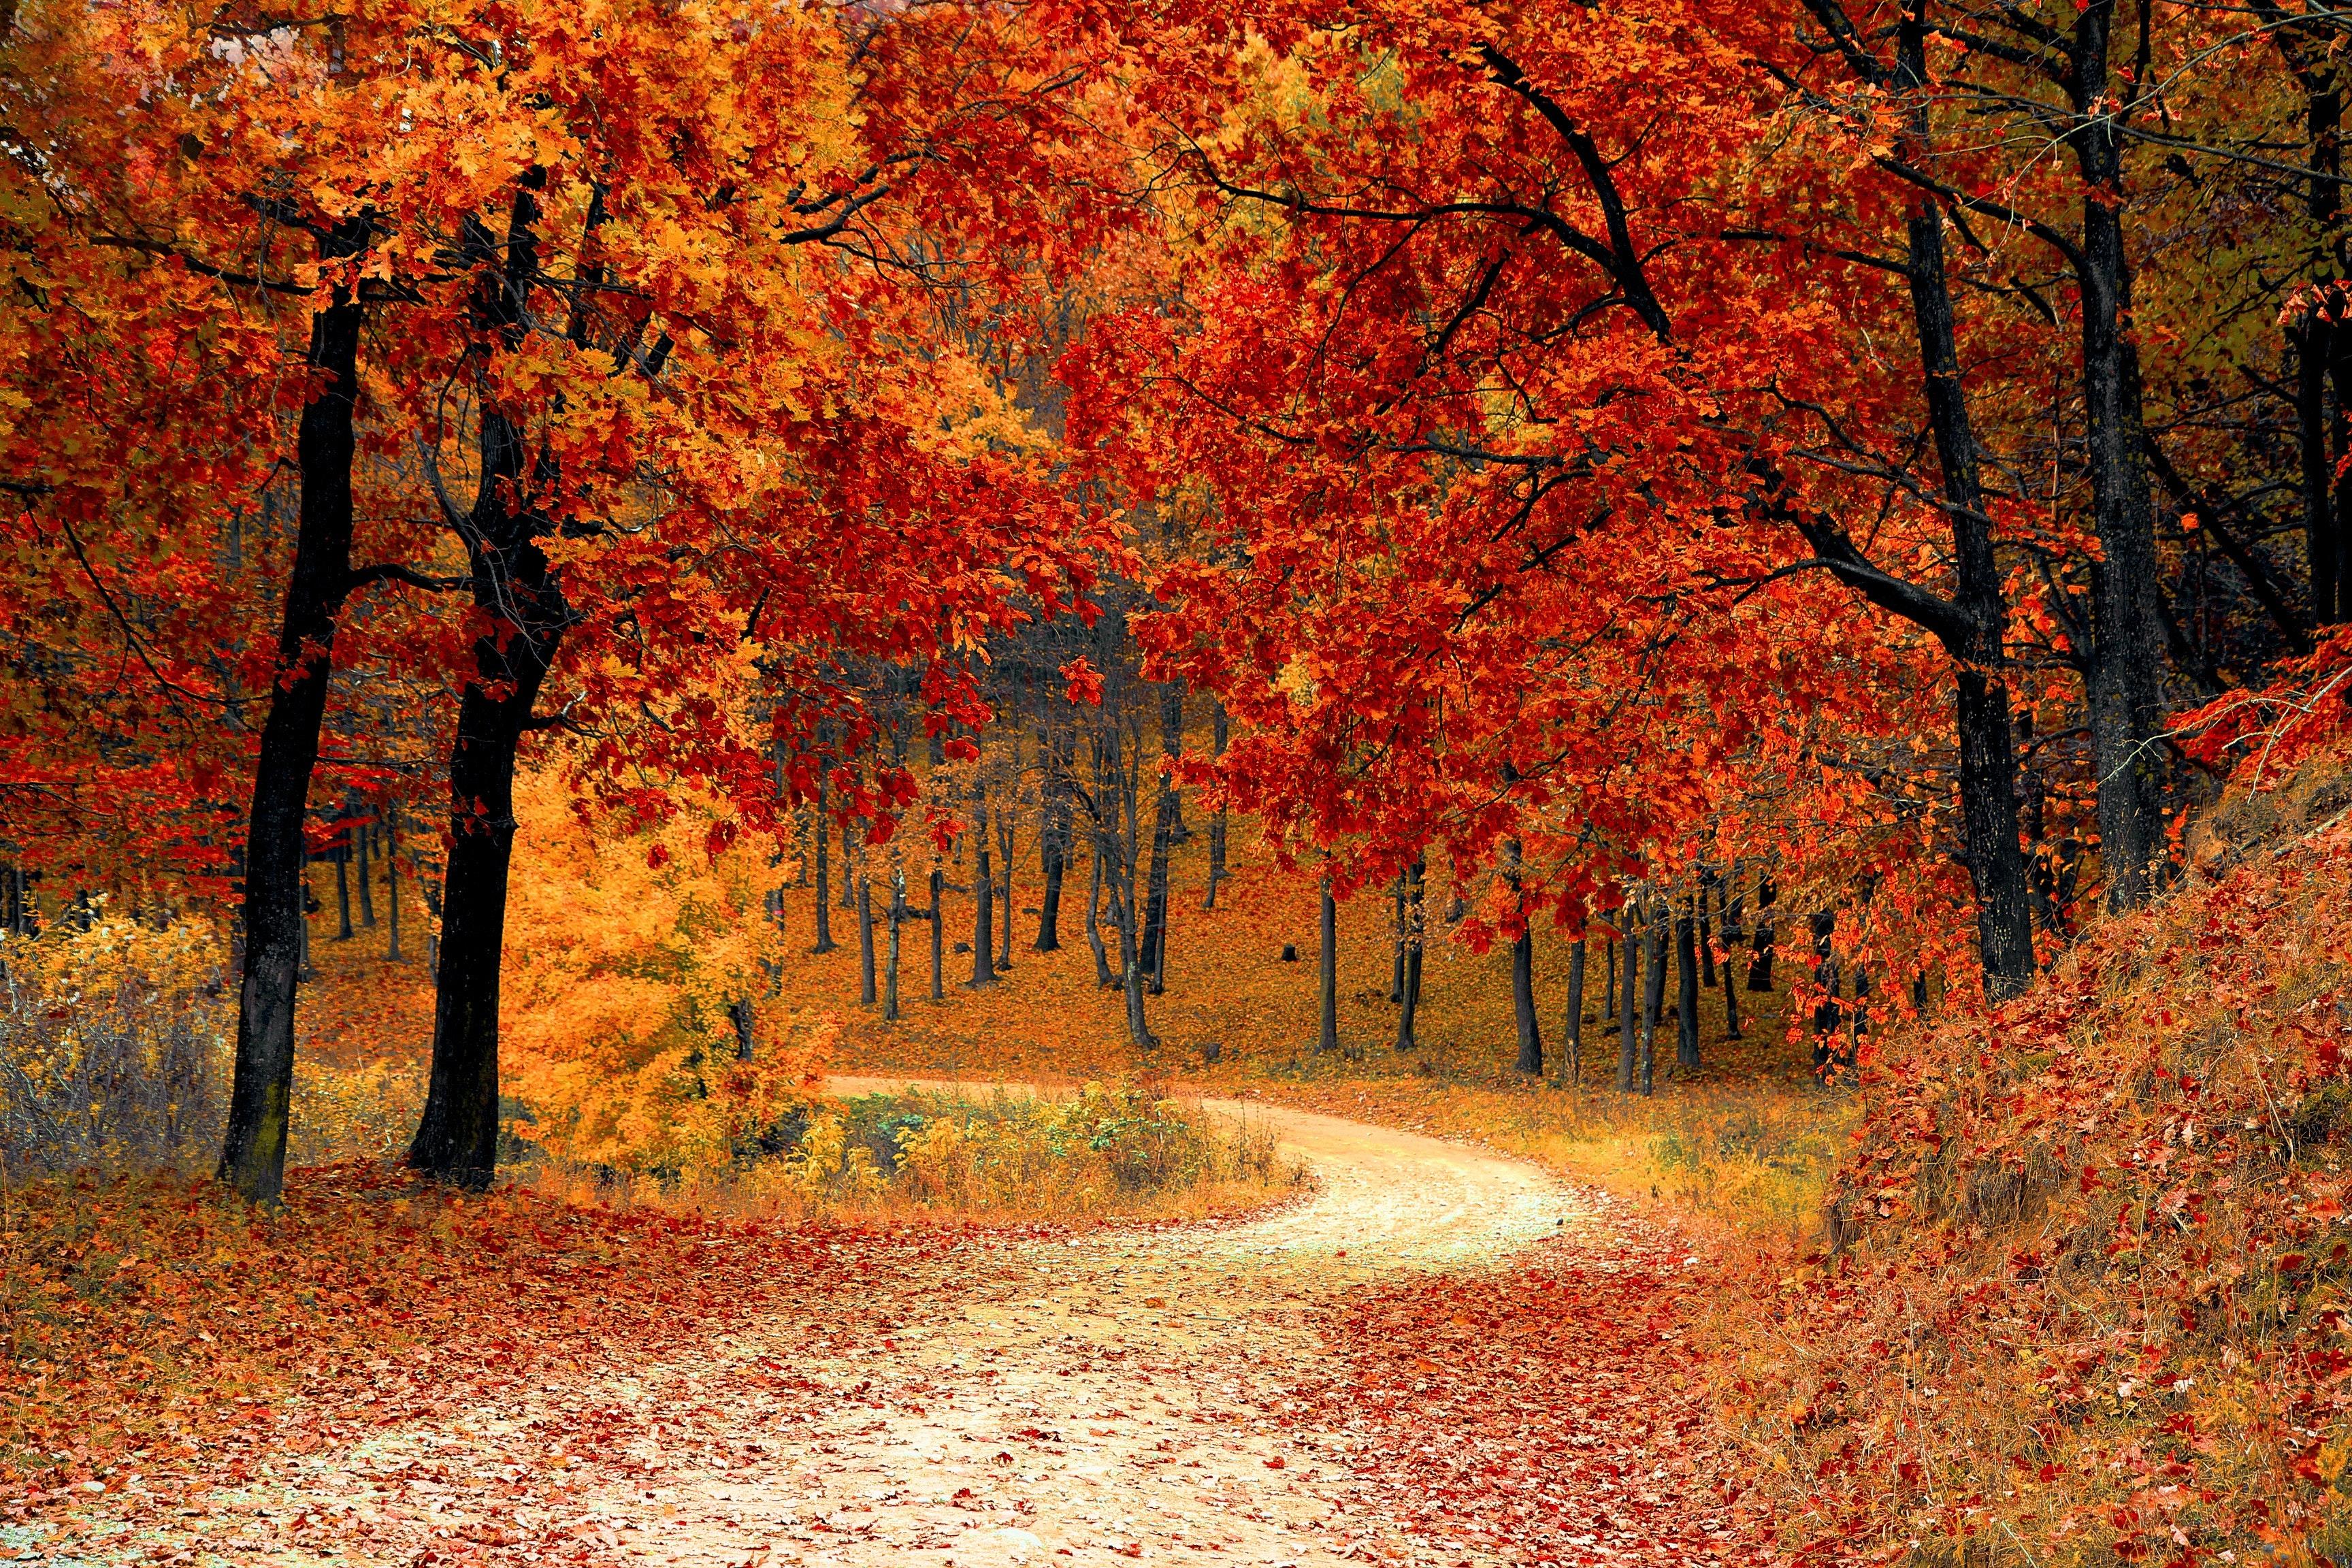 autumn-colorful-colourful-33109